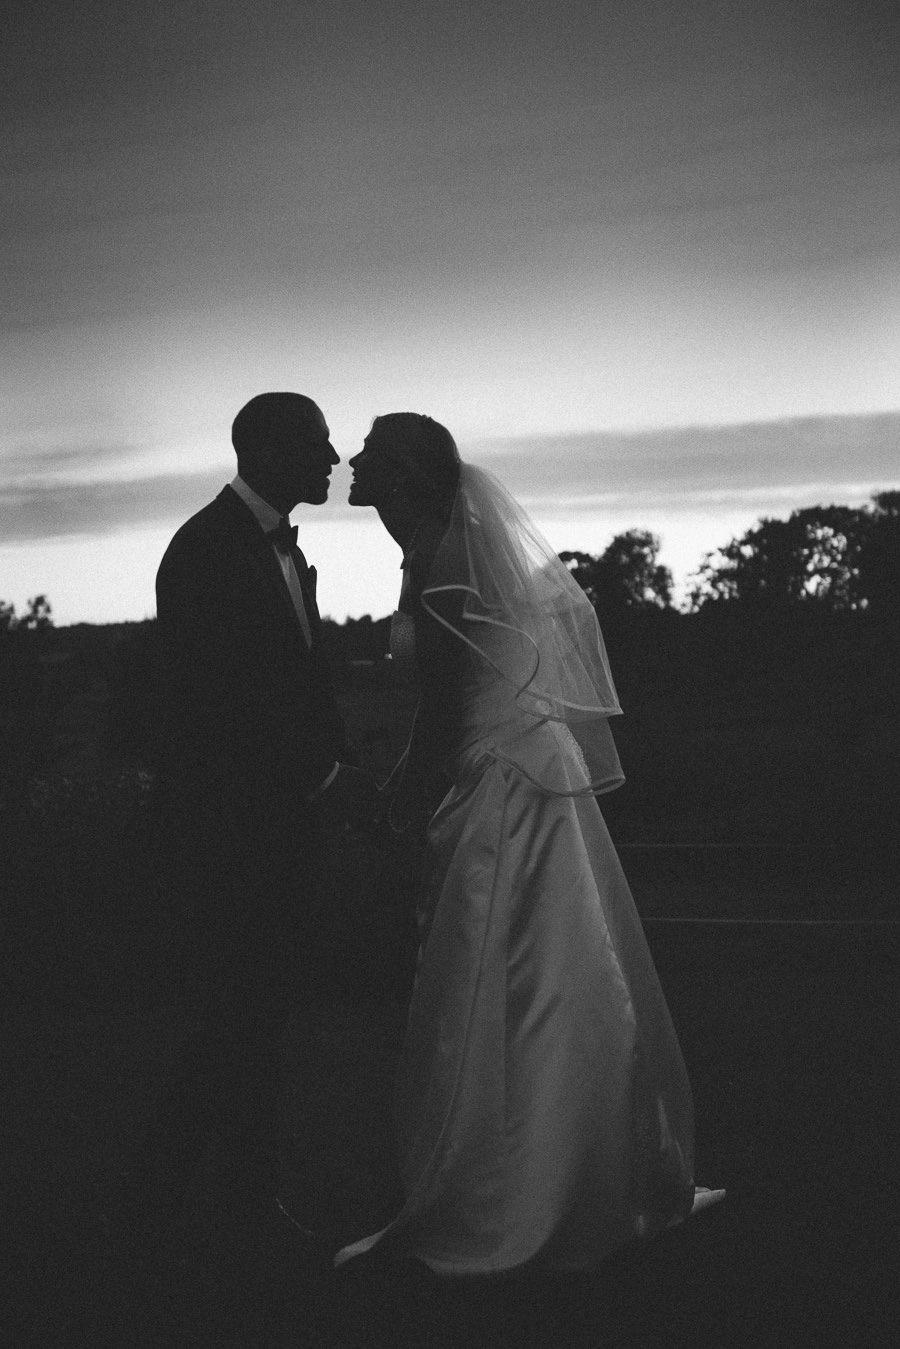 bröllopsfotograf Göteborg - bröllopsporträtt solnedgång siluett kyss